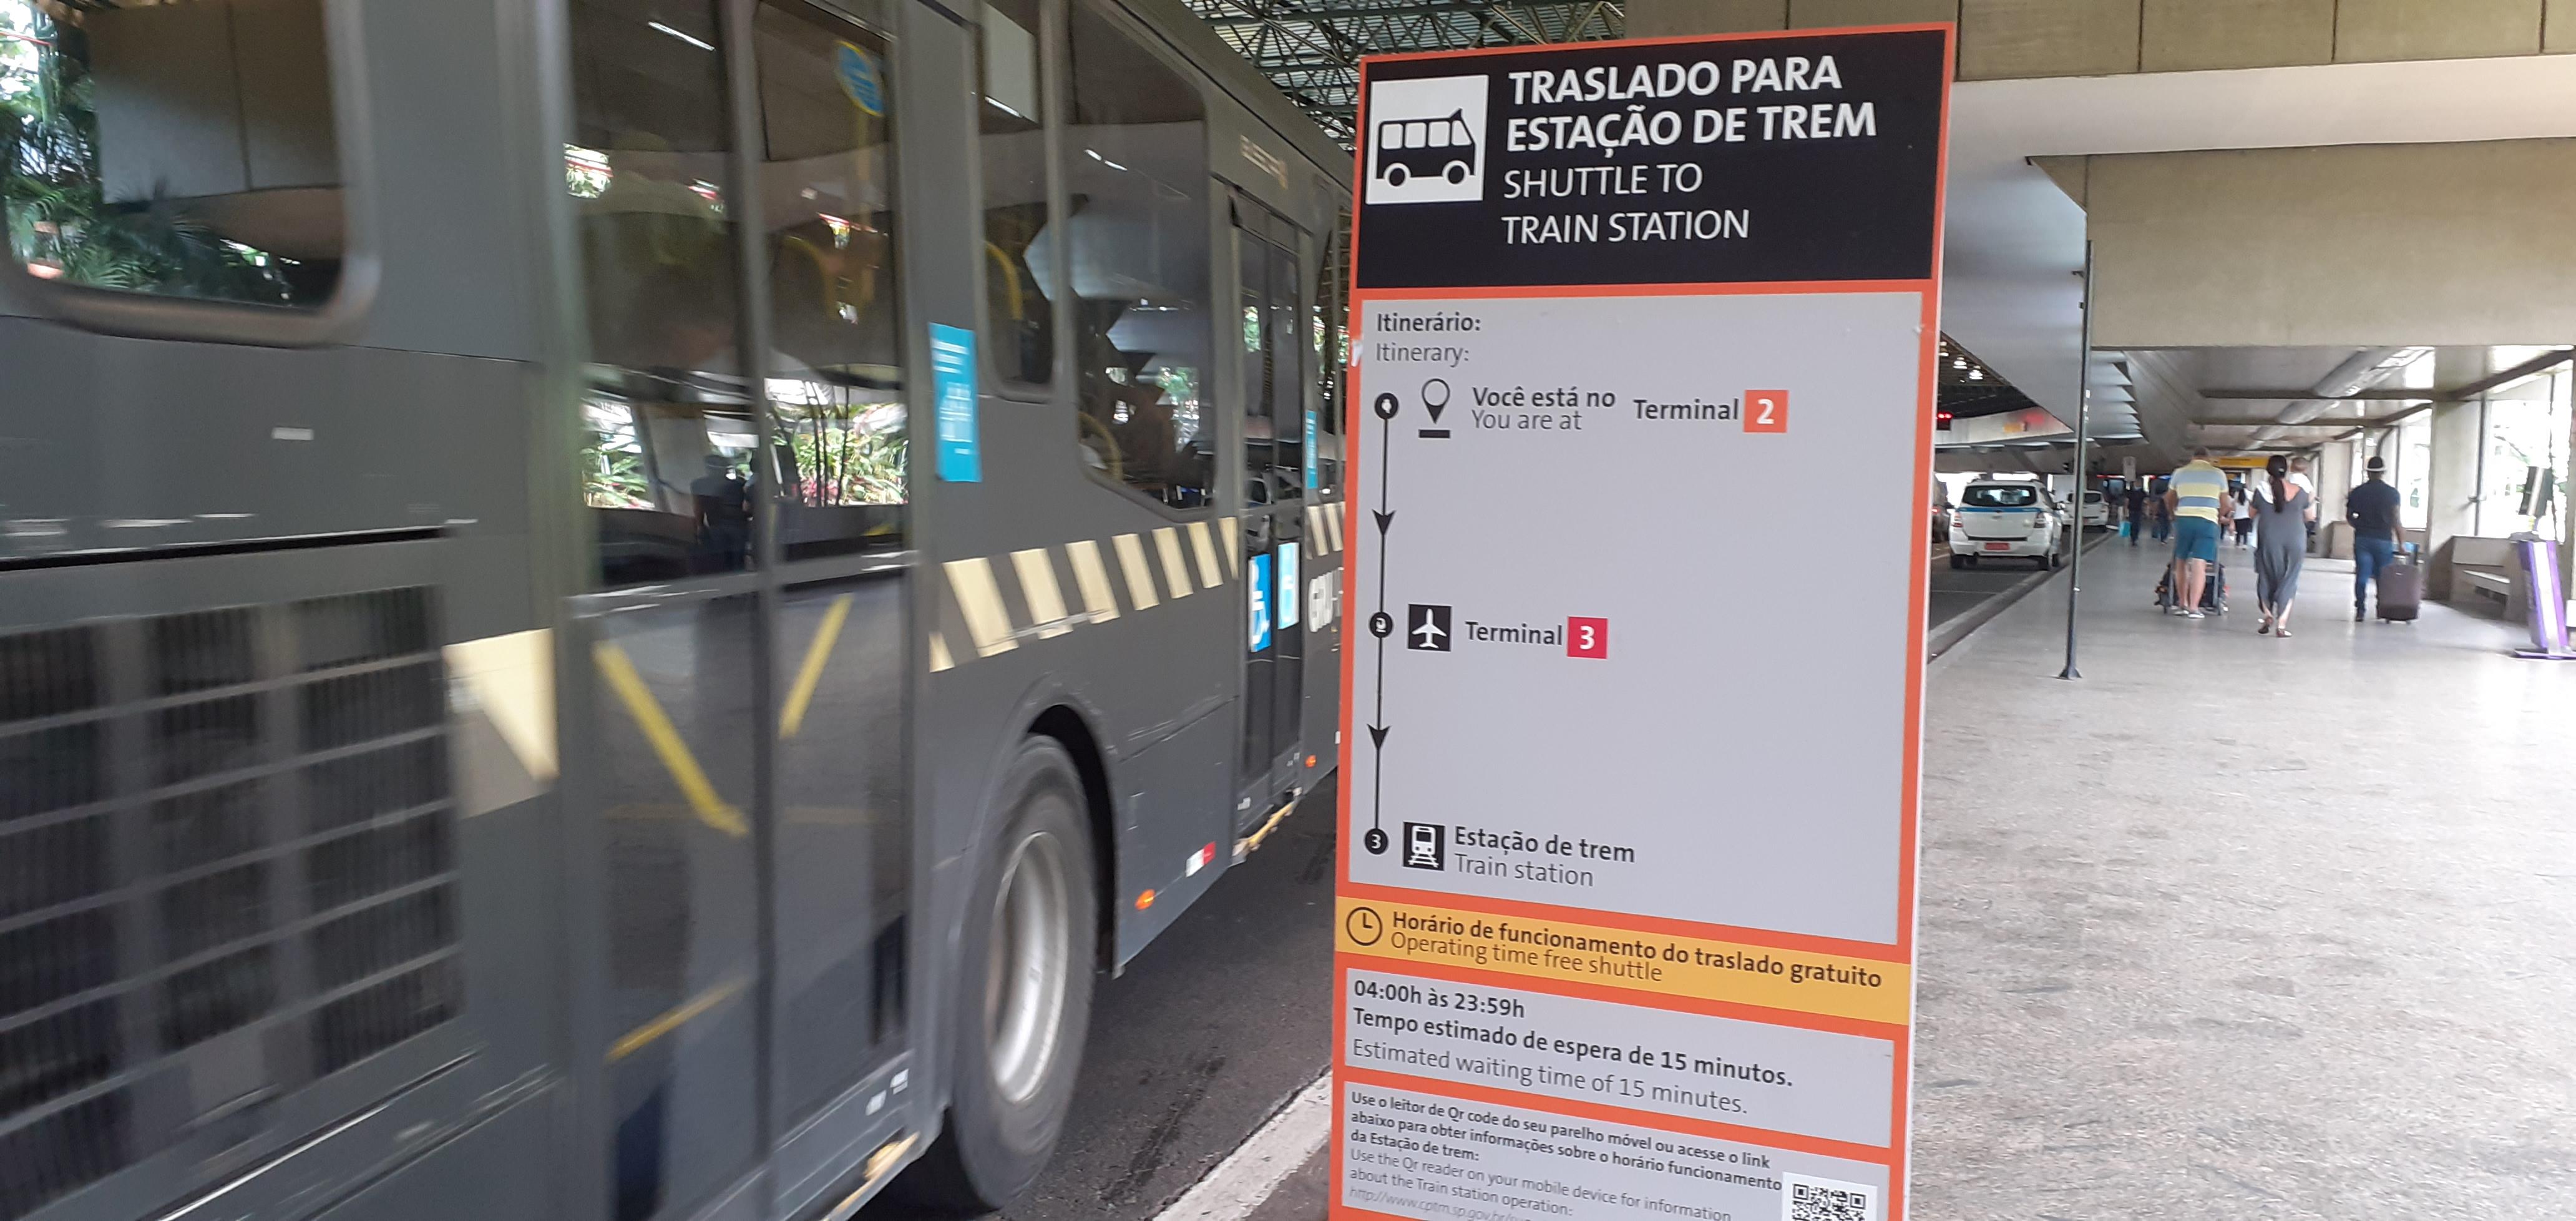 Ônibus saindo do ponto de ônibus no Terminal 2: mais parece um caveirão